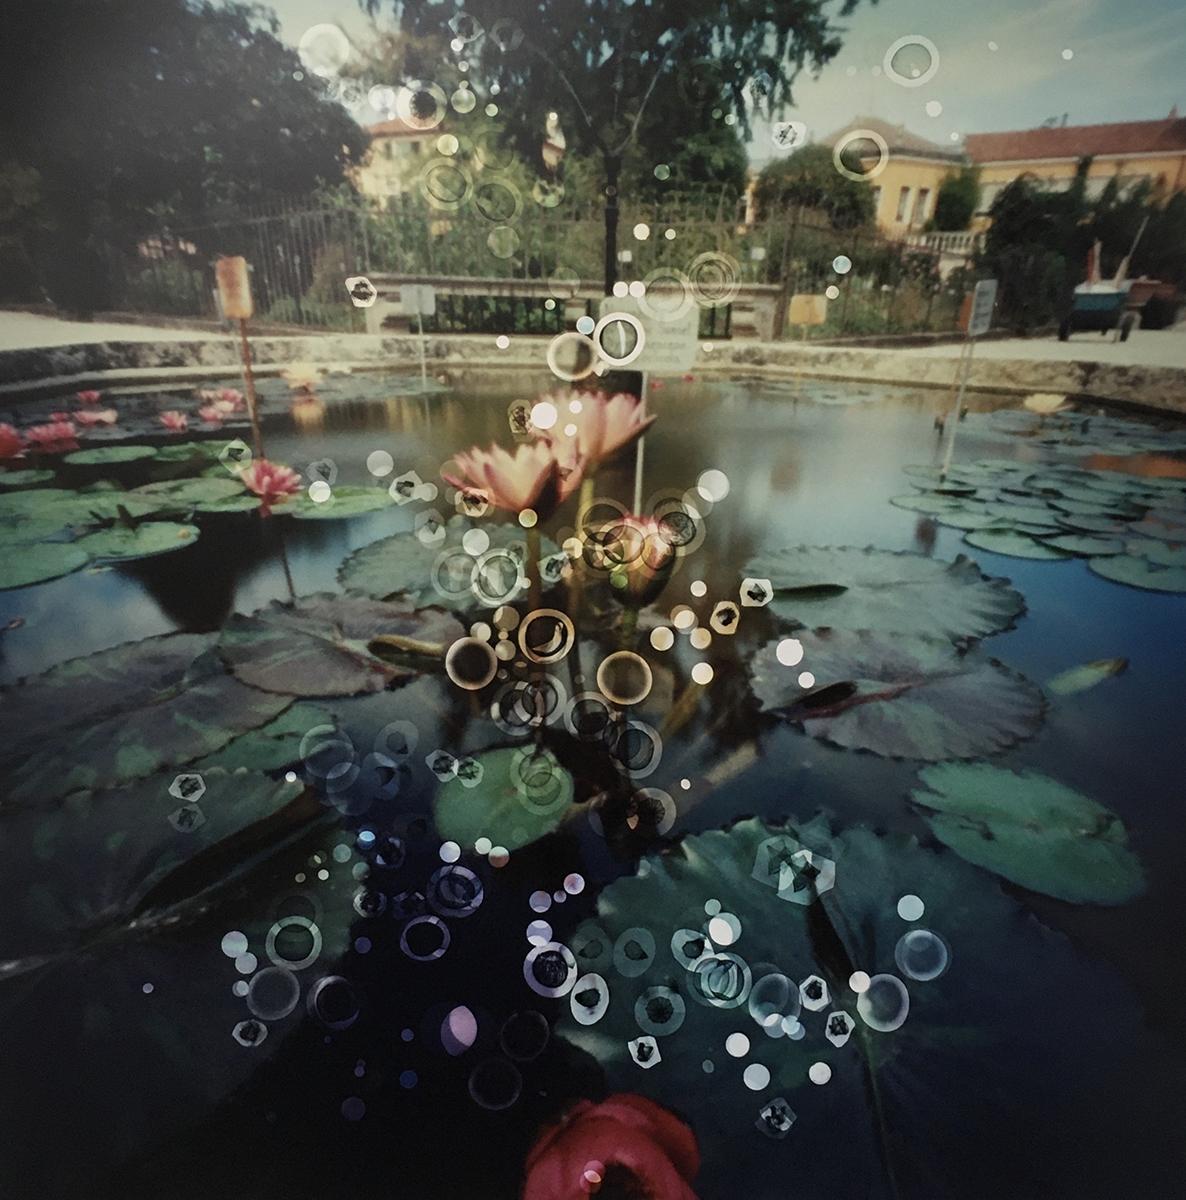 Orto Botanico, Padua, Italy (lily pond) (2019)